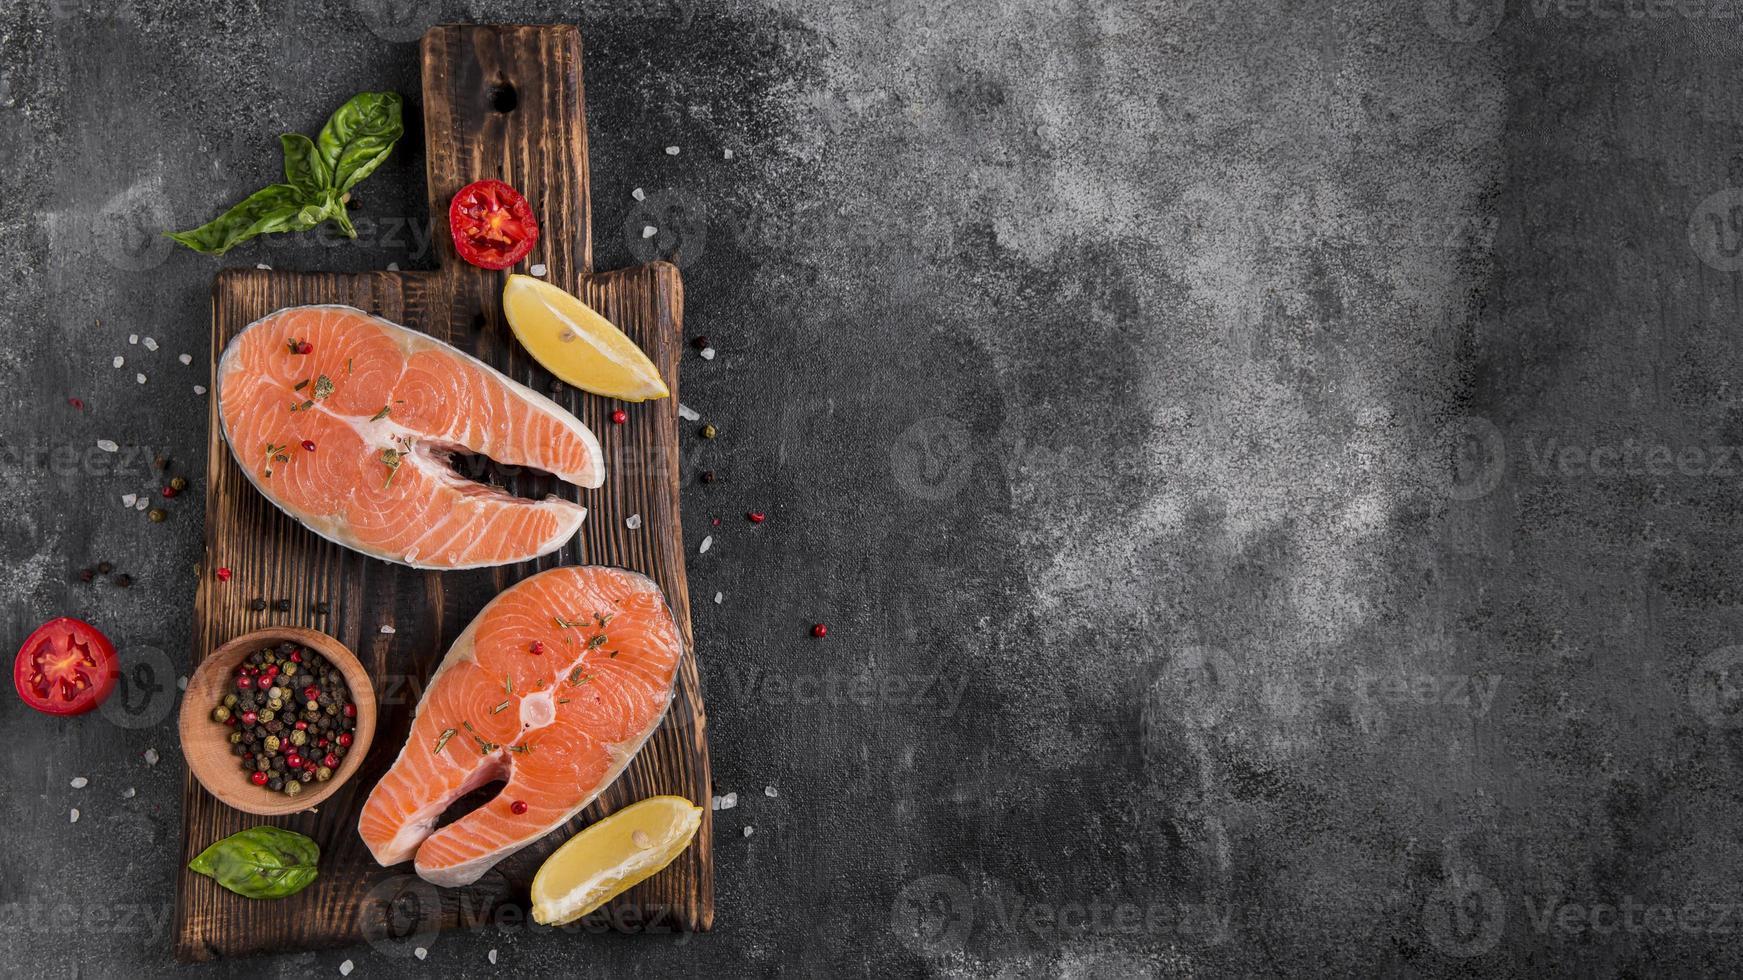 delizioso pesce salmone fresco su sfondo grigio scuro foto